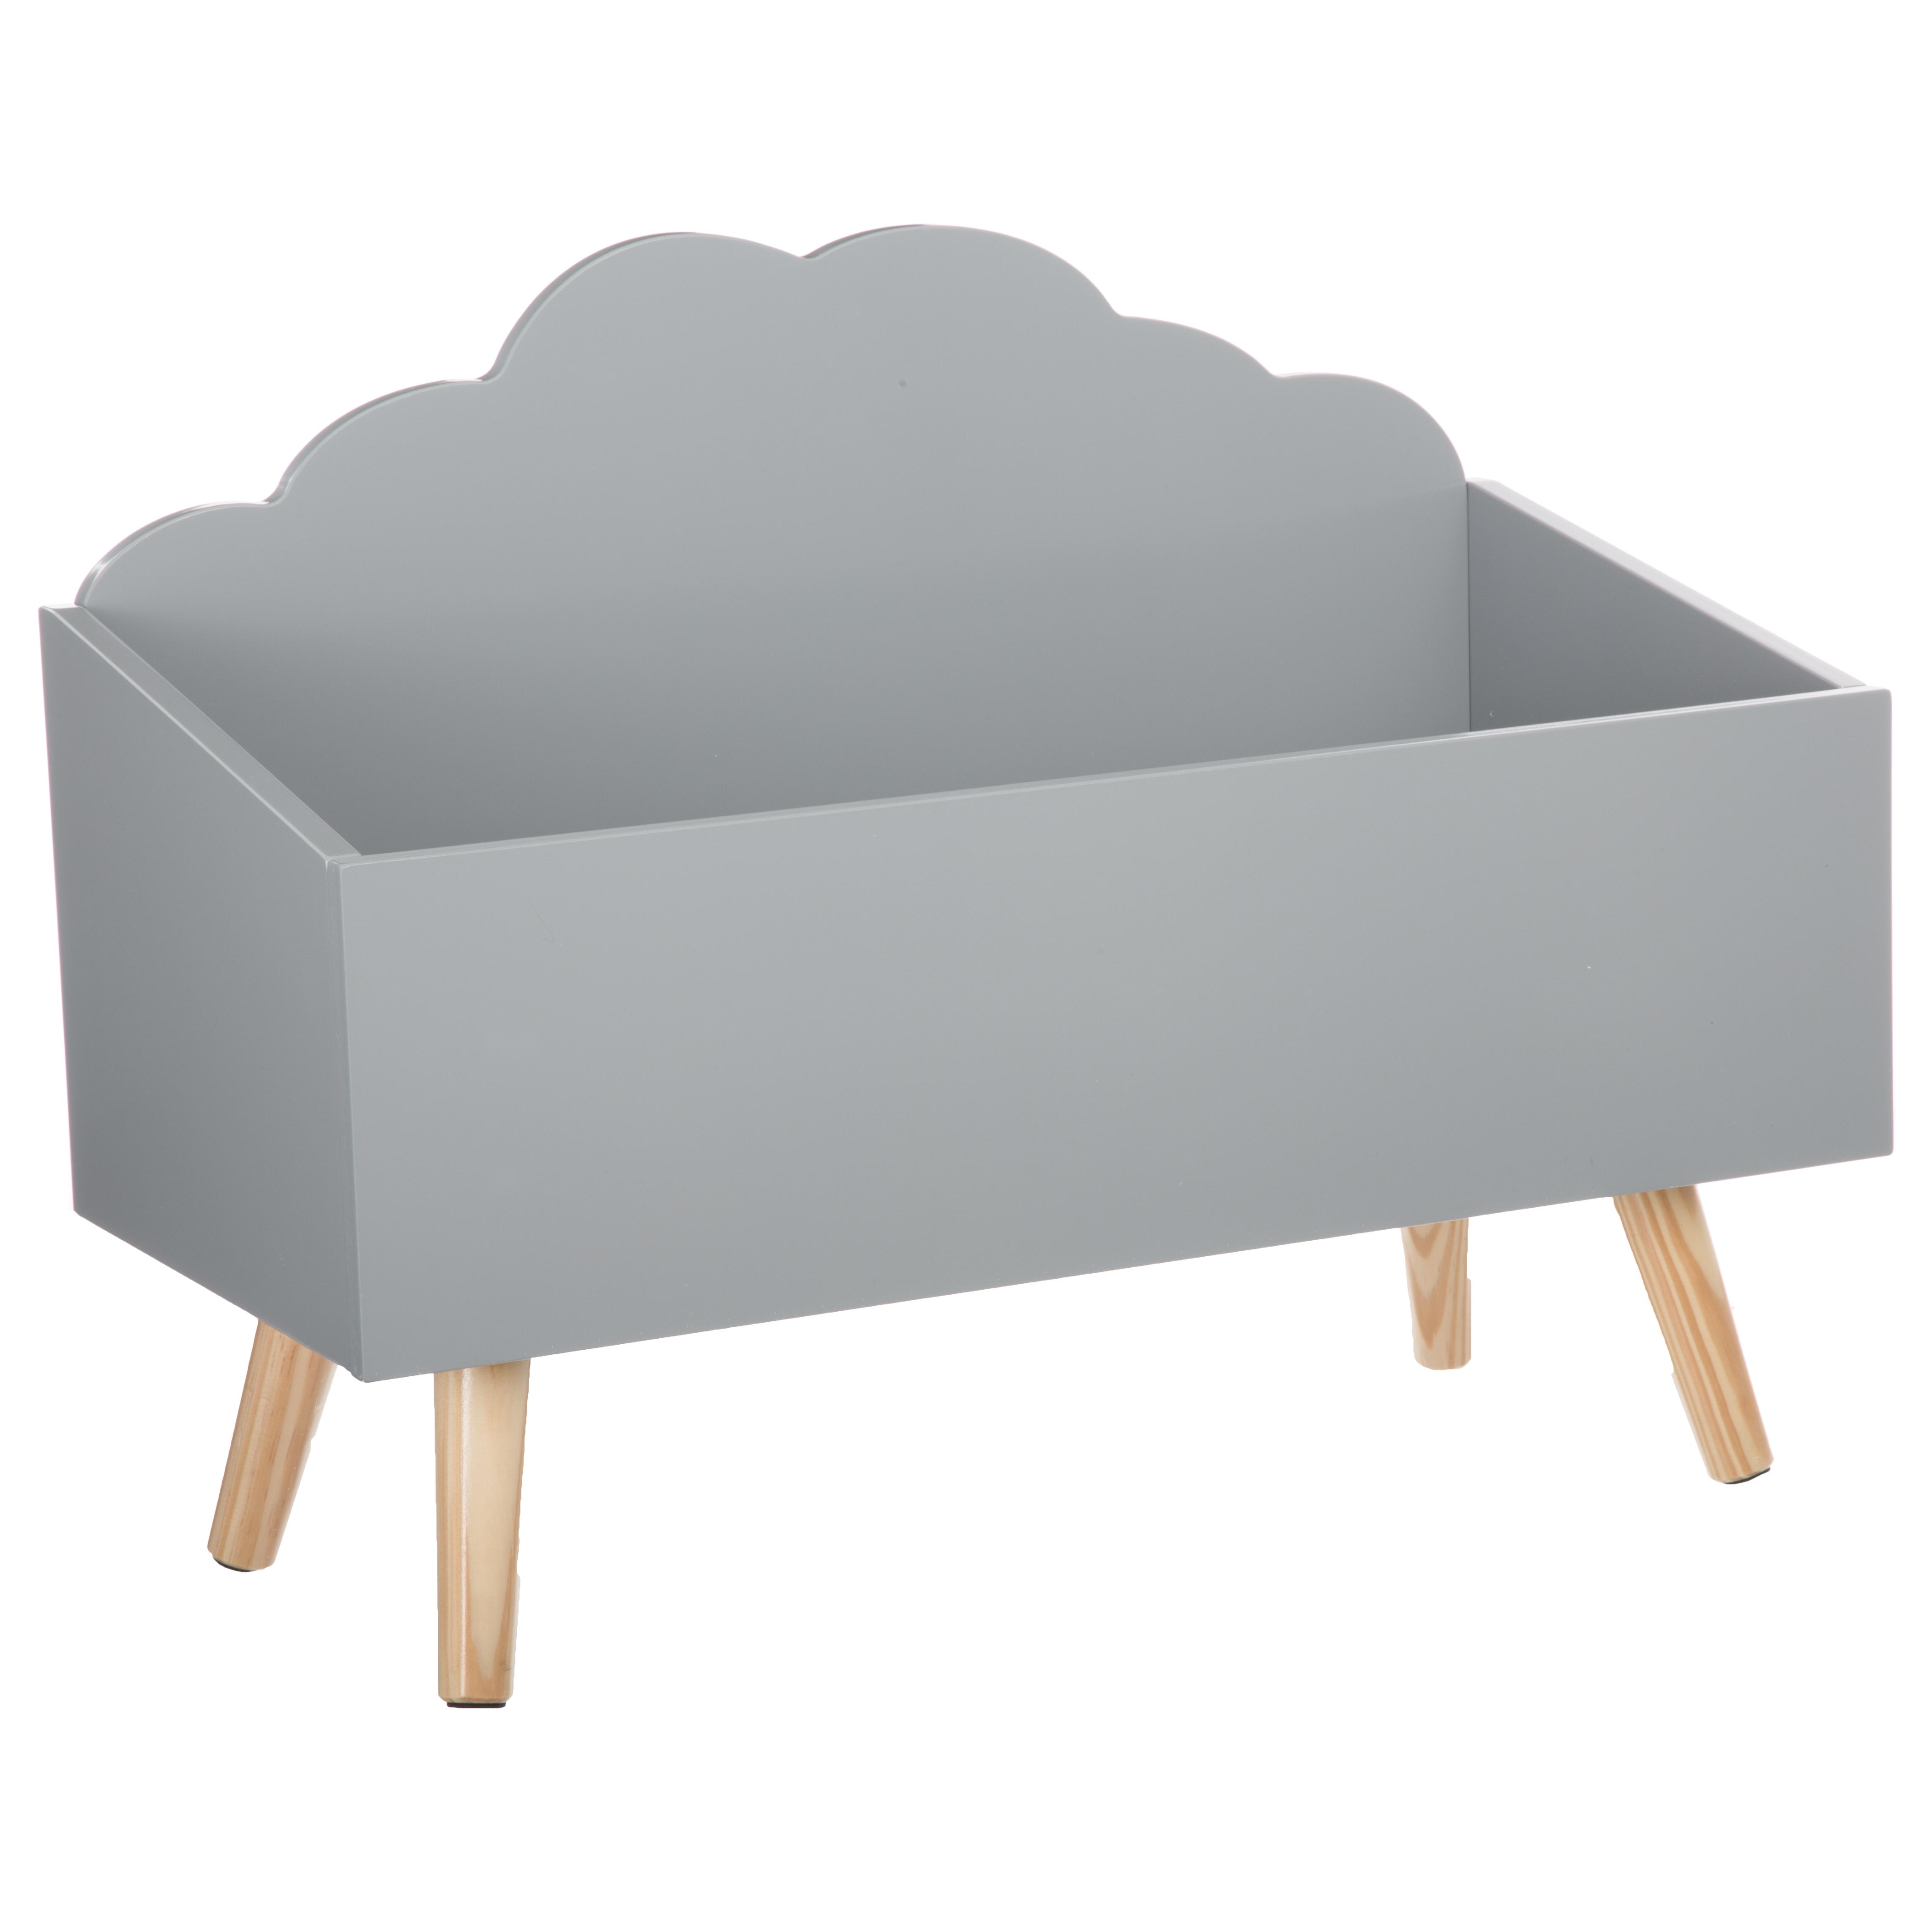 Coffre de rangement nuage GRIS Atmosphéra créateur d'intérieur for kids